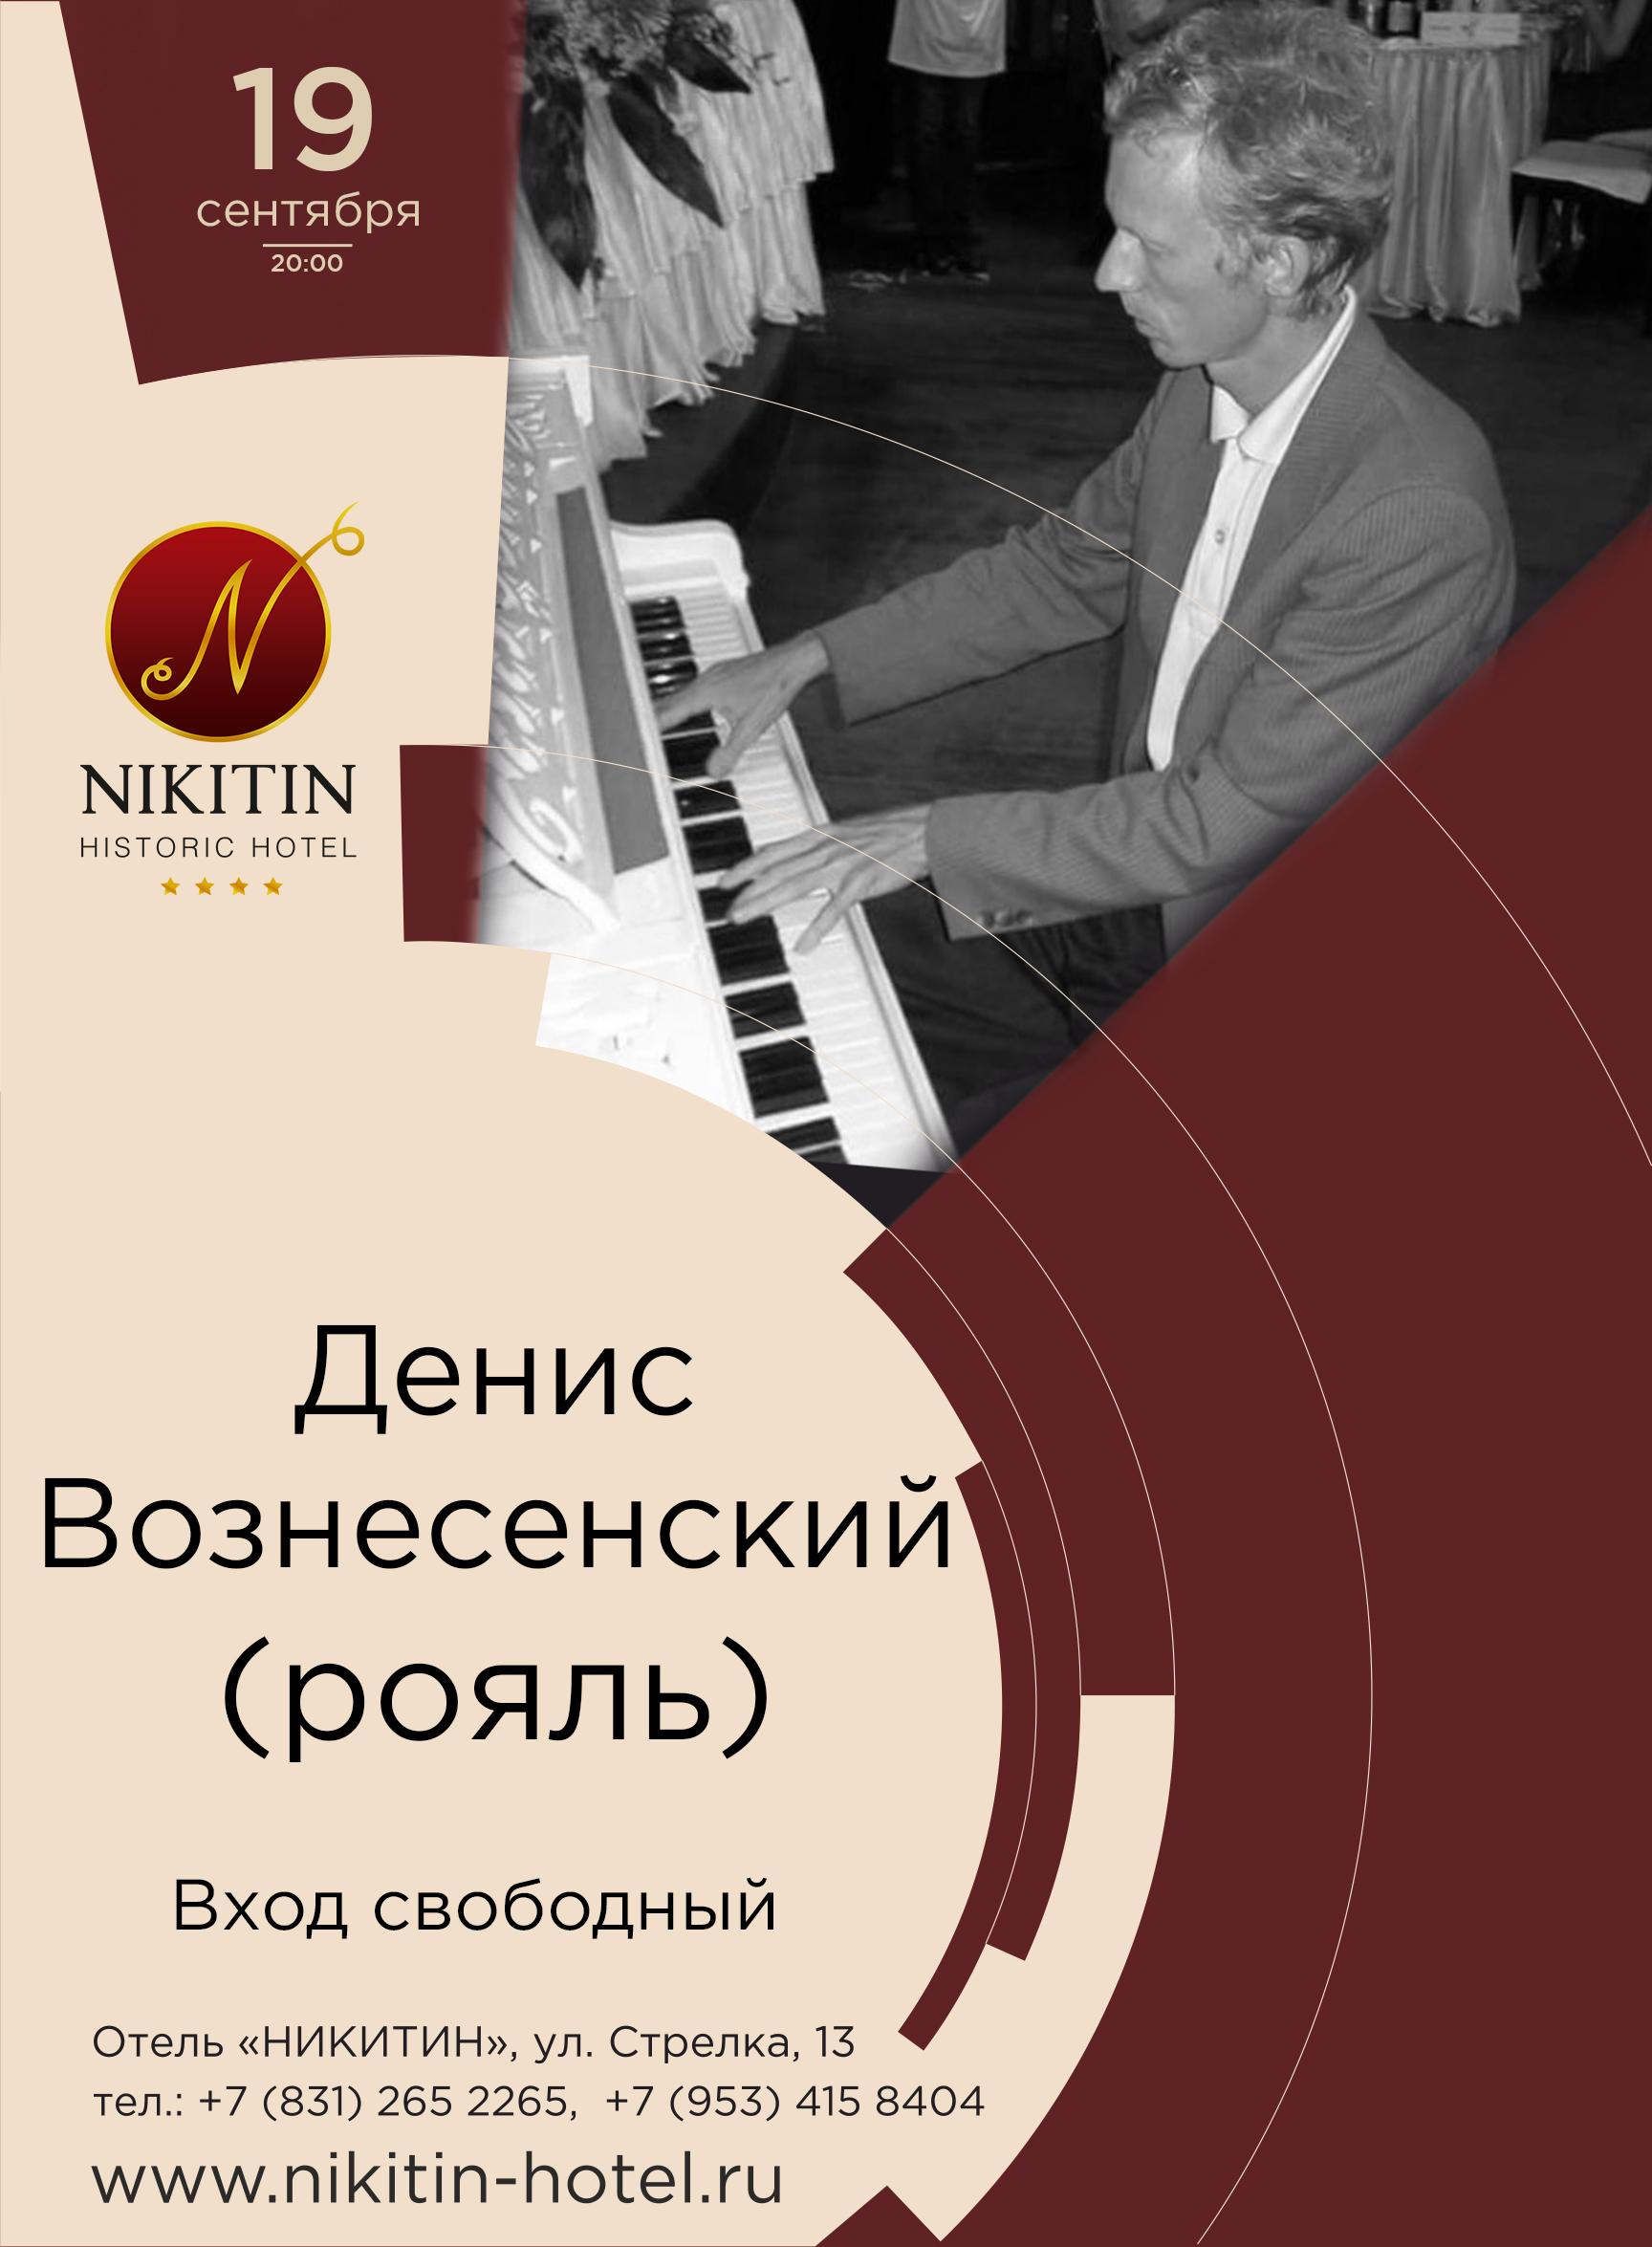 Денис Вознесенский (рояль)